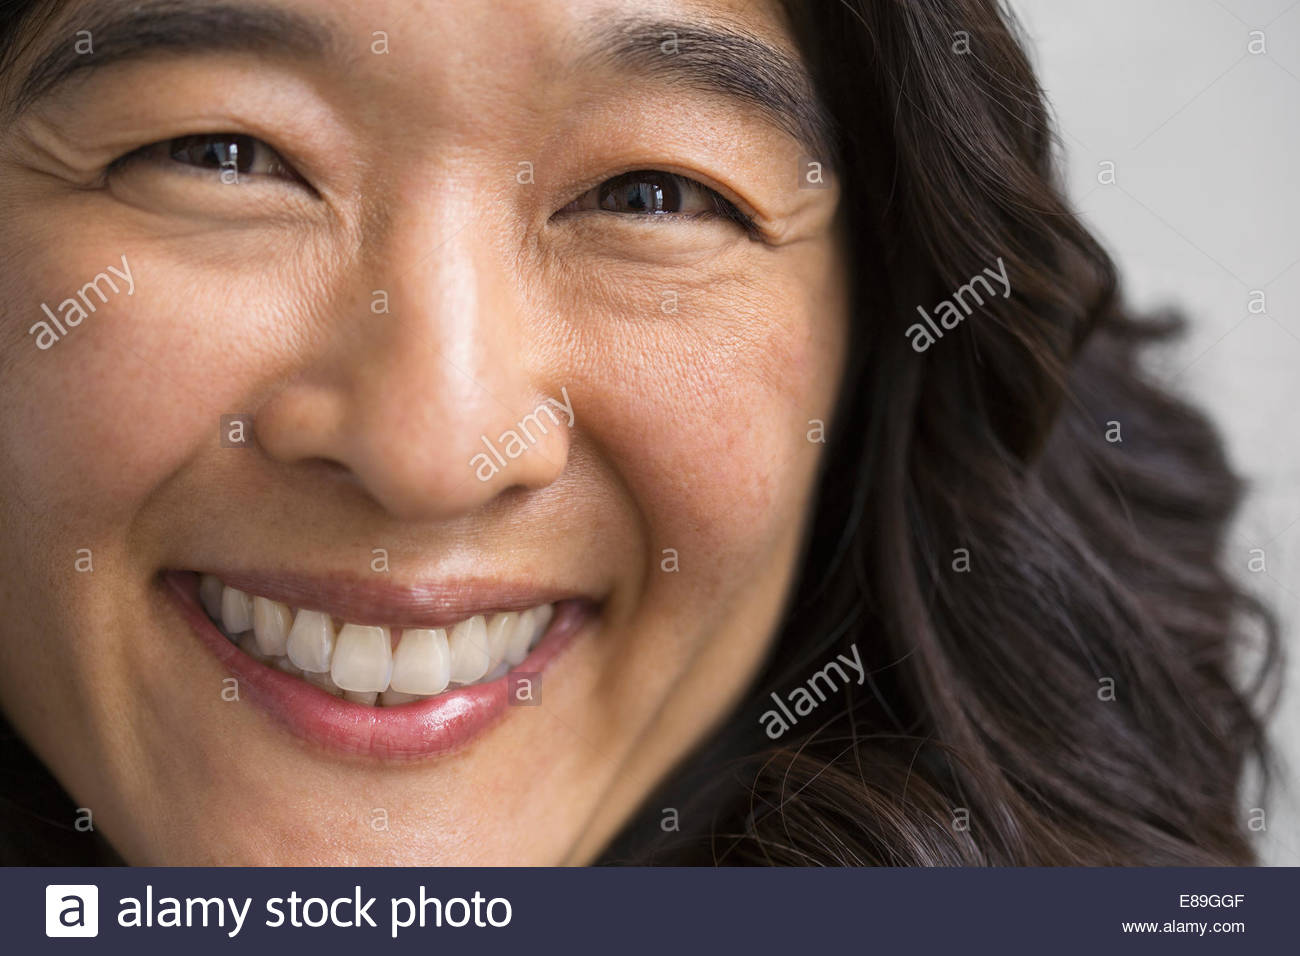 Close up ritratto di donna sorridente Immagini Stock